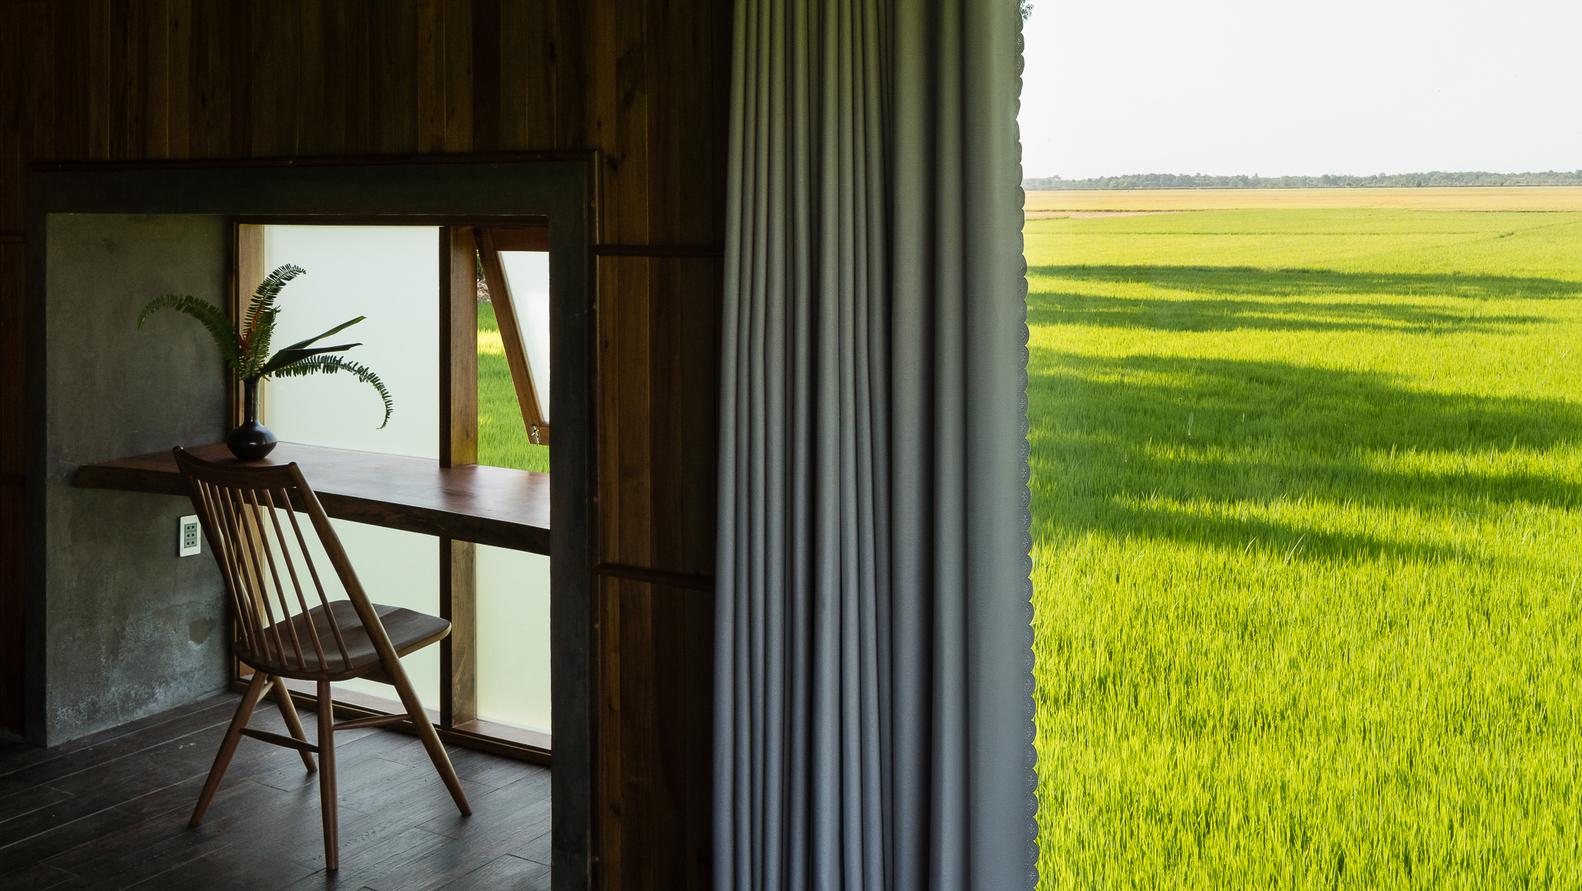 tầm nhìn ra phía cánh đồng xanh rì